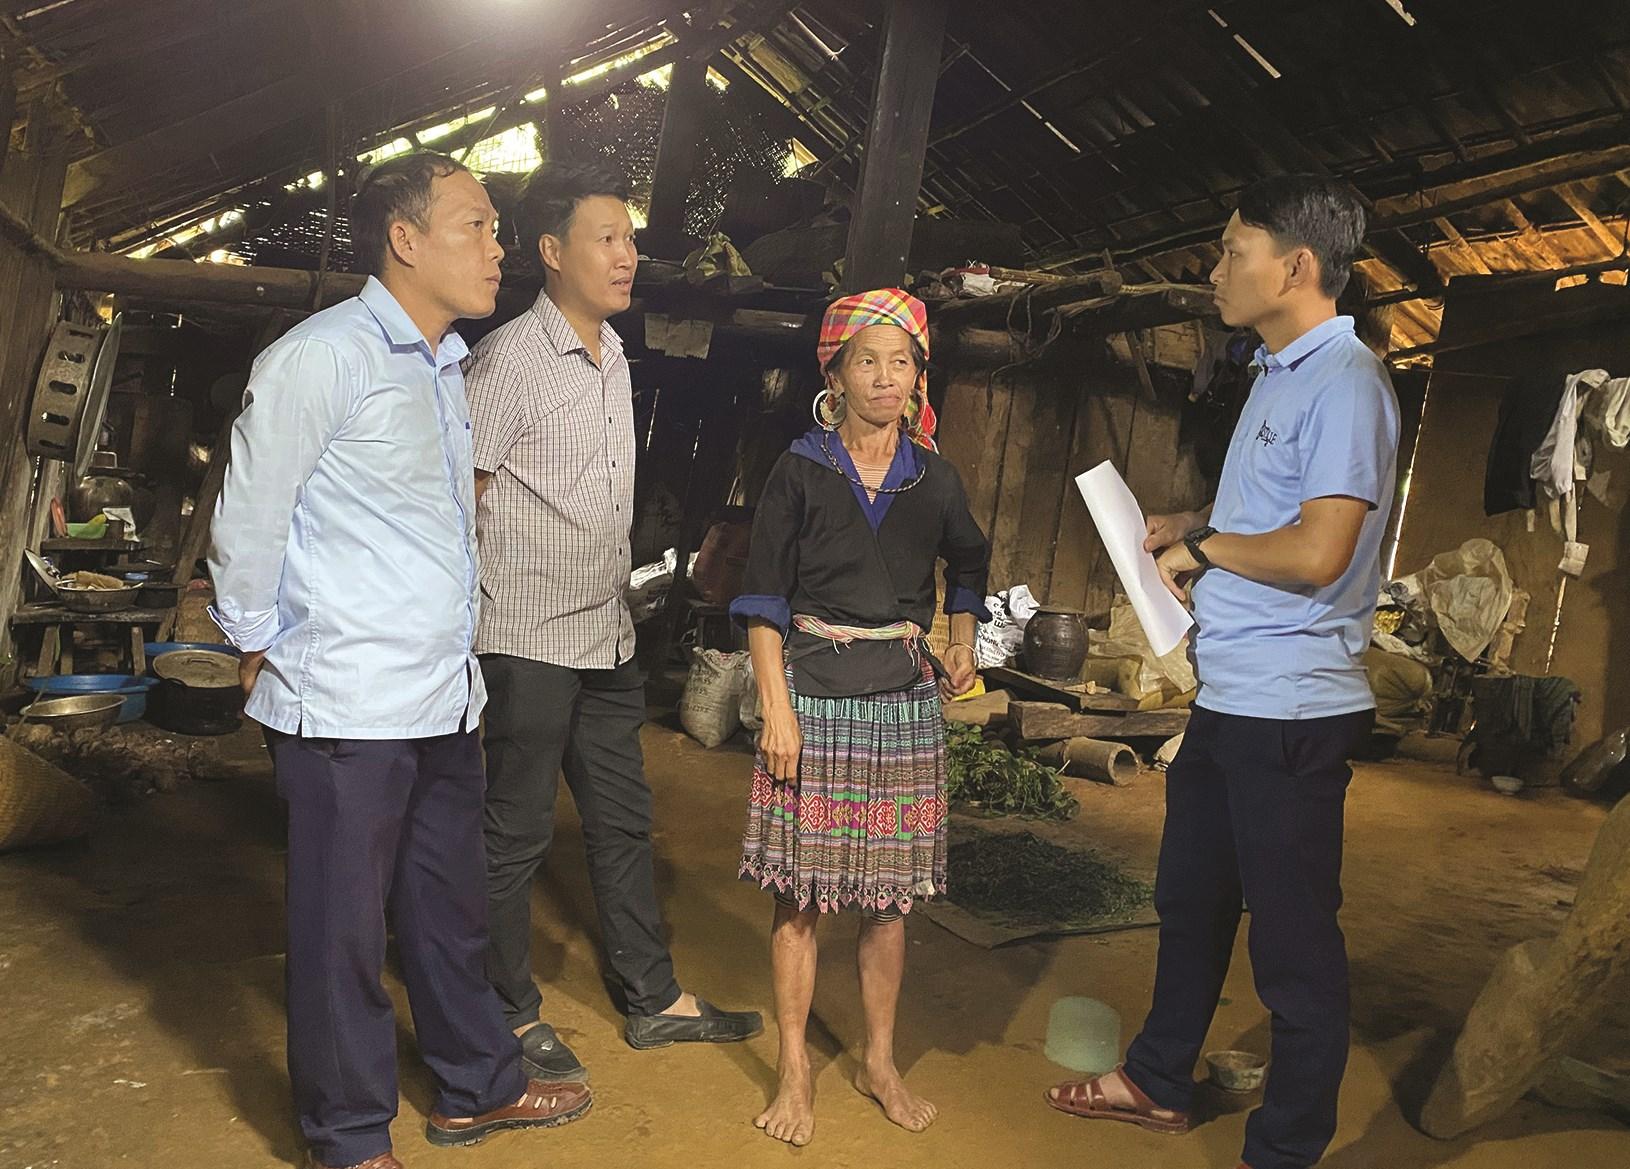 Cán bộ huyện Mù Cang Chải và xã Mồ Dề đến thăm hỏi về đời sống của gia đình bà Mùa Thị Là, một trong những gia đình chưa được sử dụng điện lưới ở bản Háng Phừ Loa, xã Mồ Đề